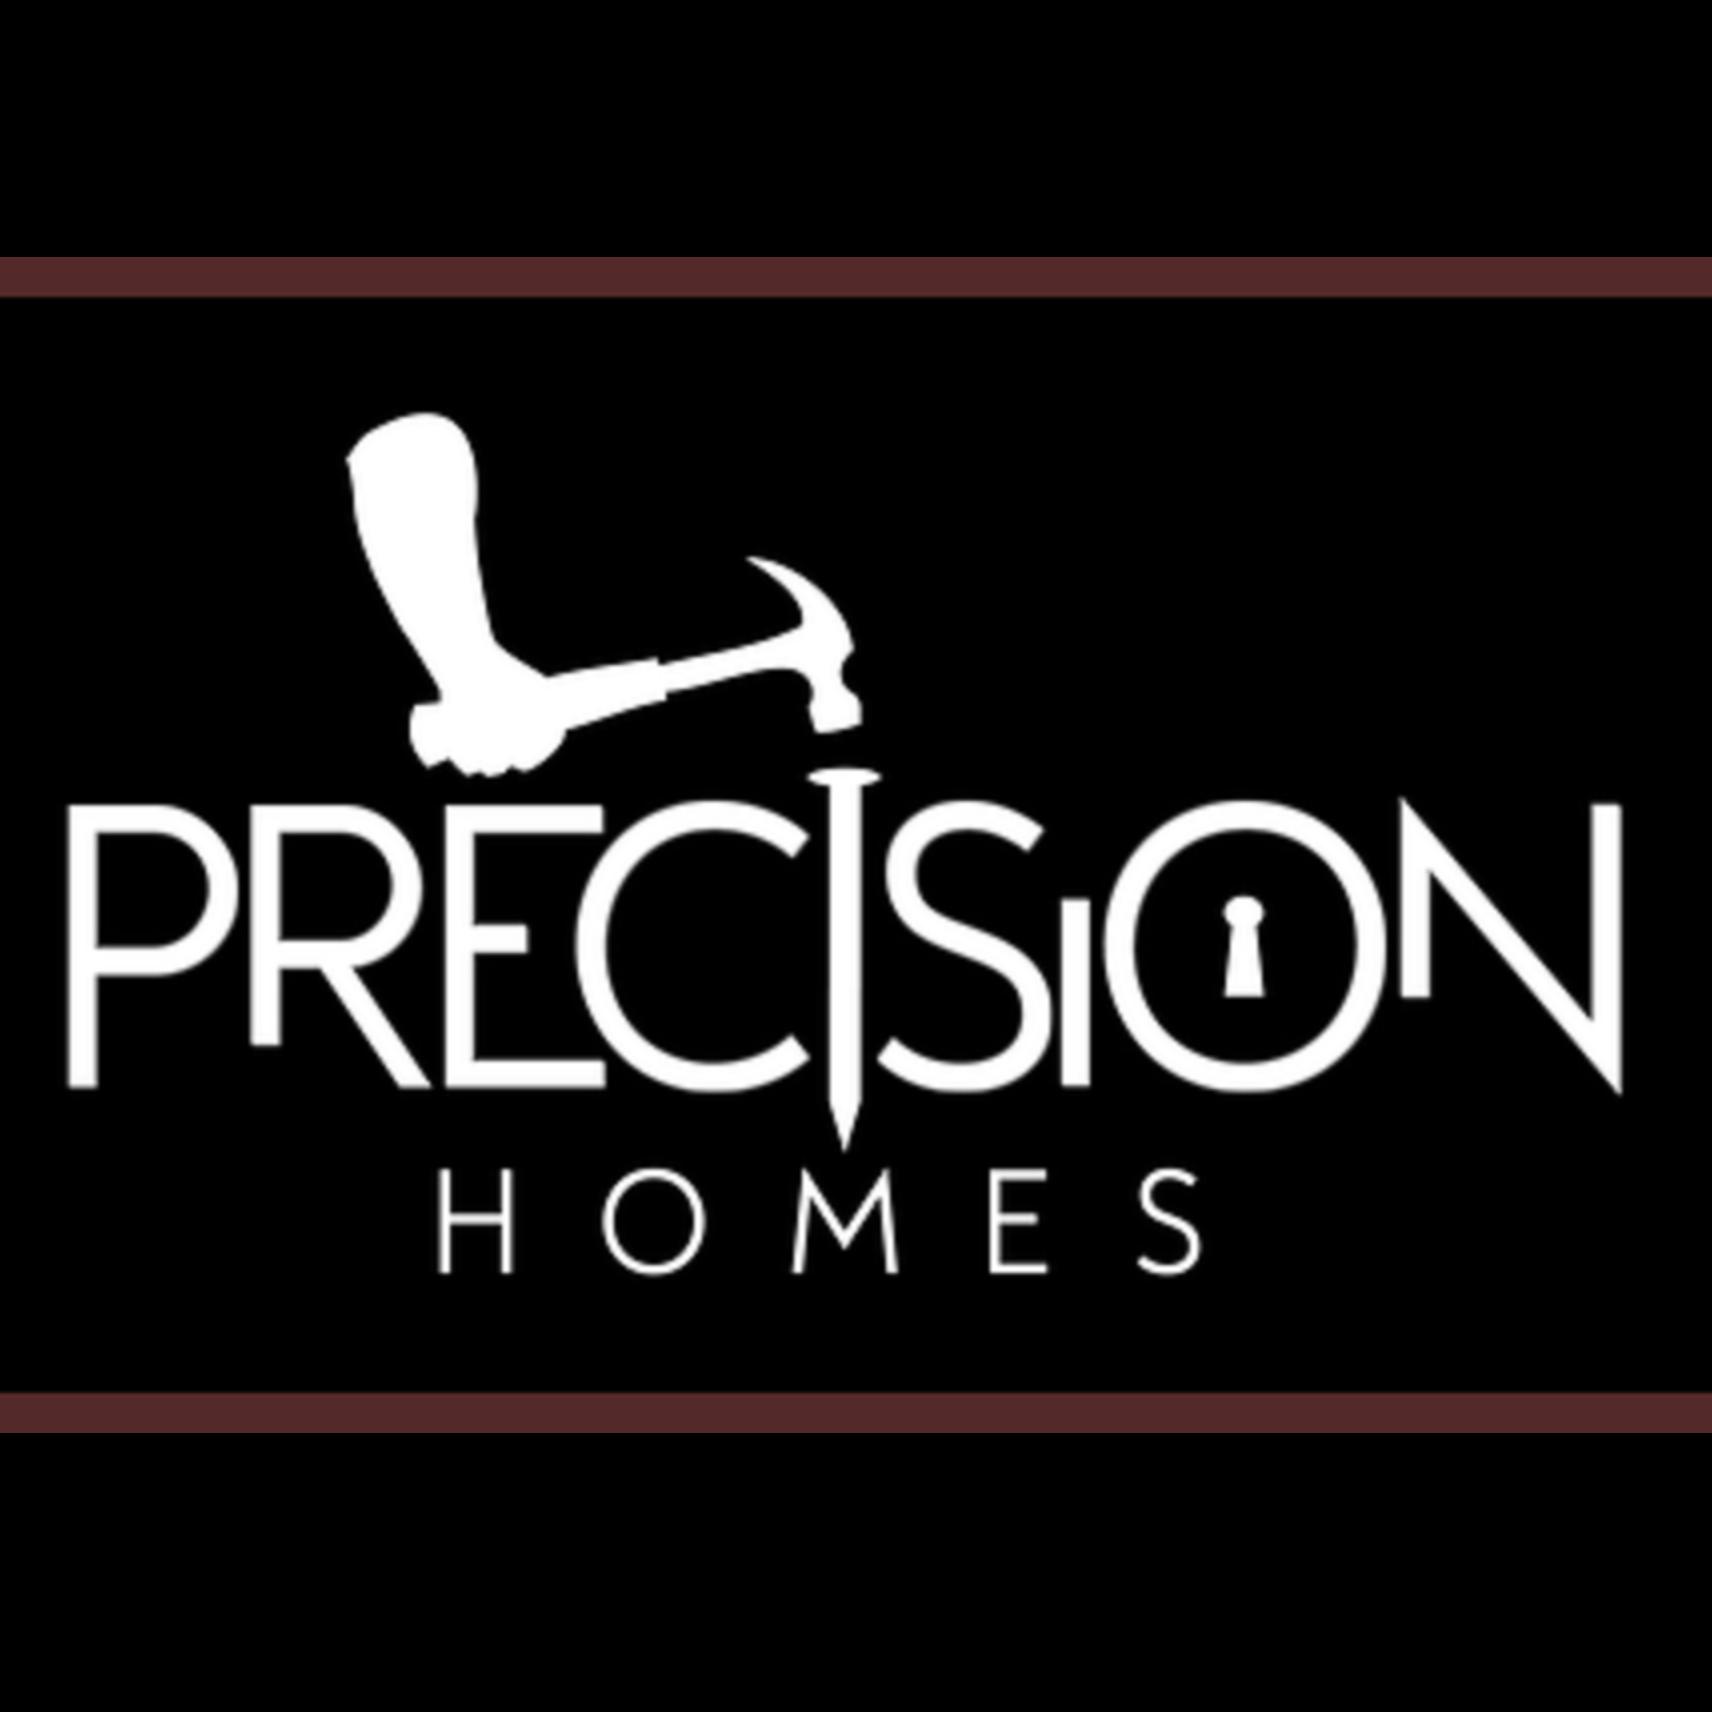 Precision Homes - Lindale, TX 75771 - (903)944-9805 | ShowMeLocal.com